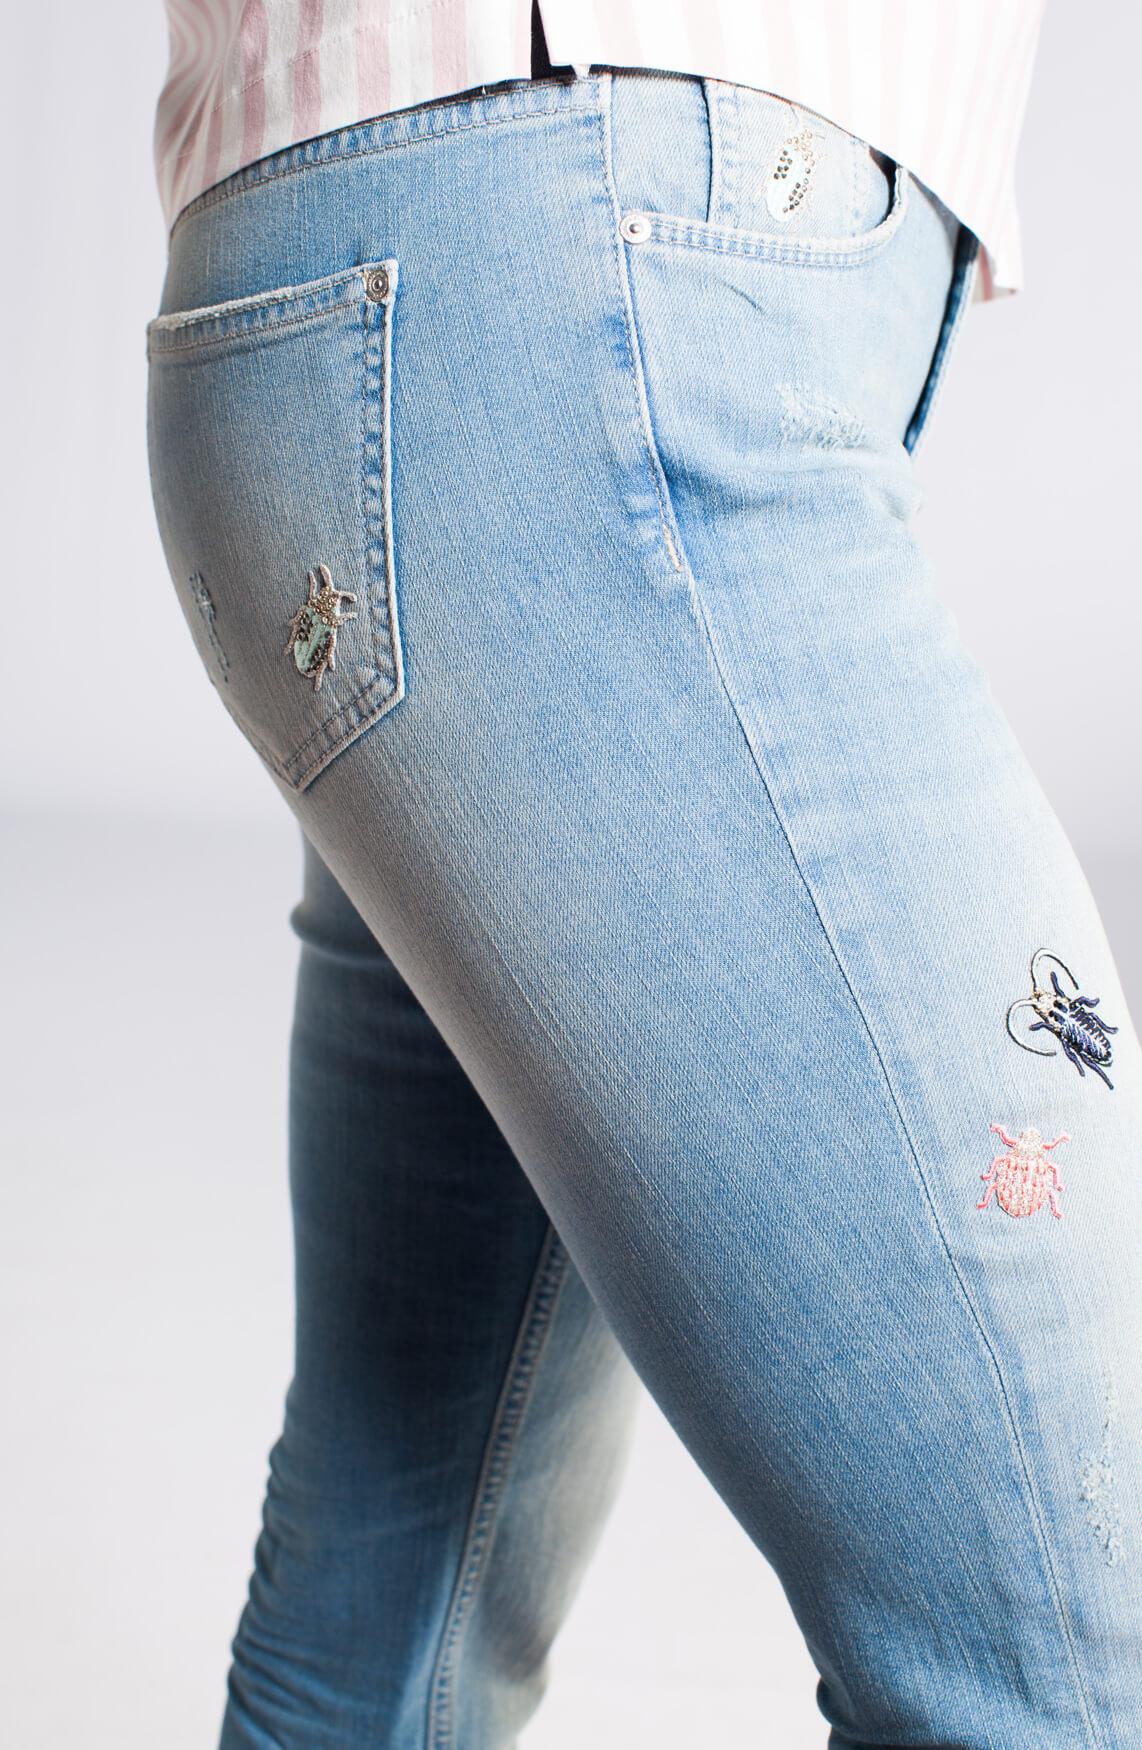 Rosner Dames Masha jeans met badges Blauw